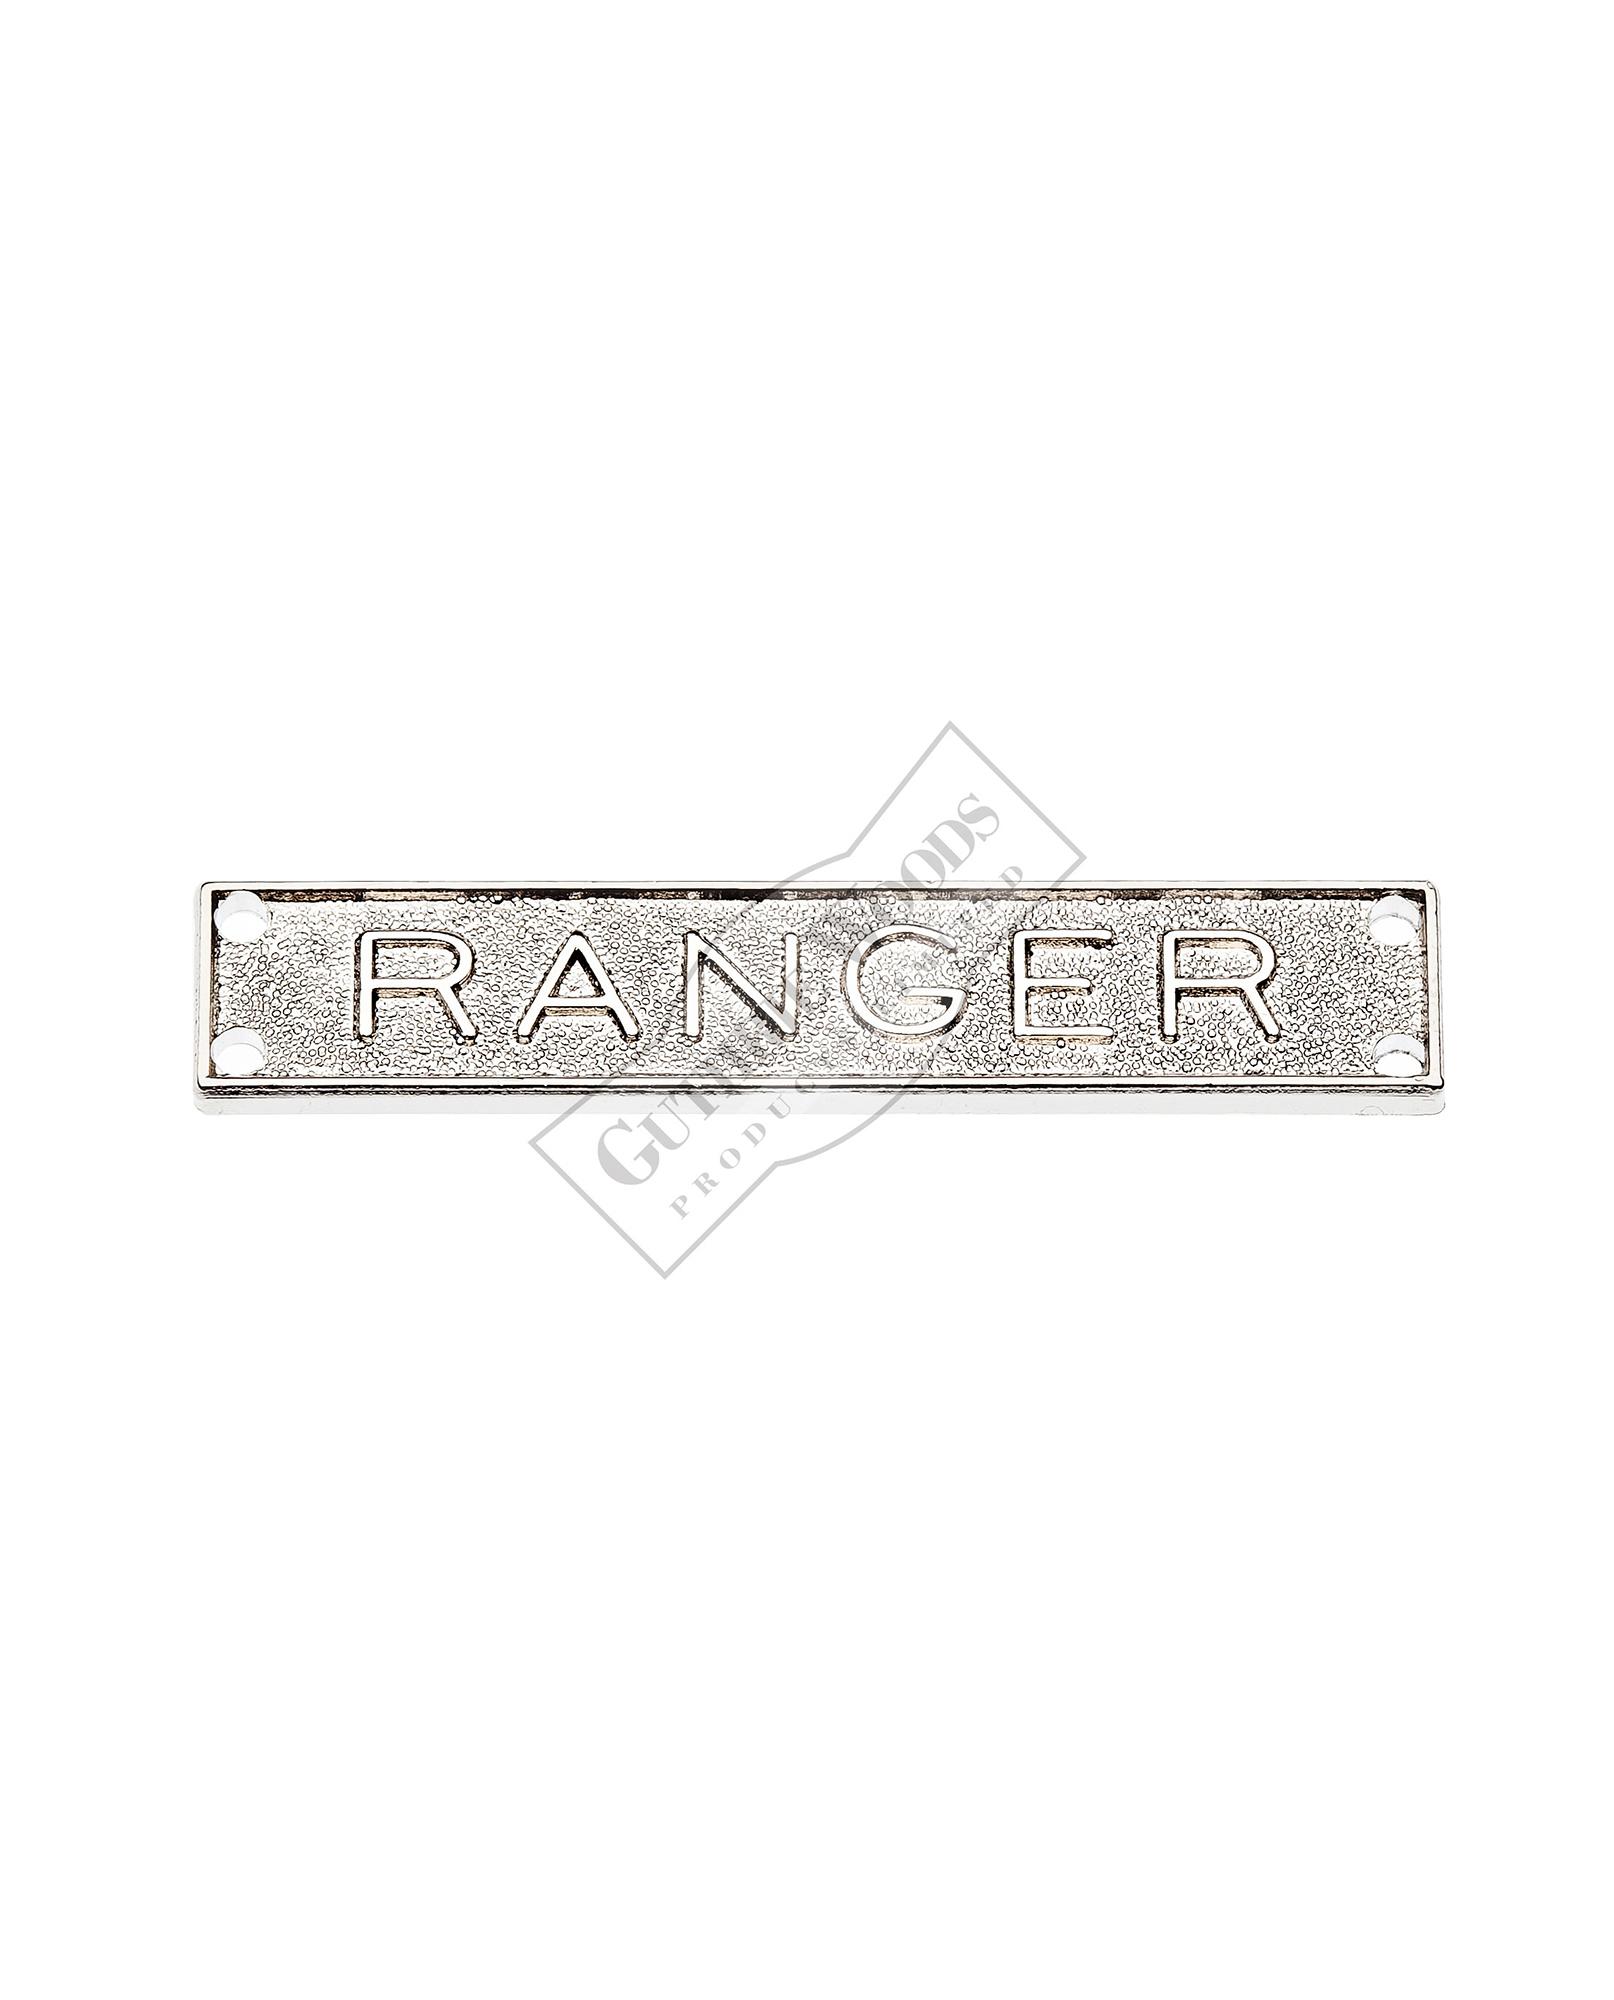 243 FS Ranger